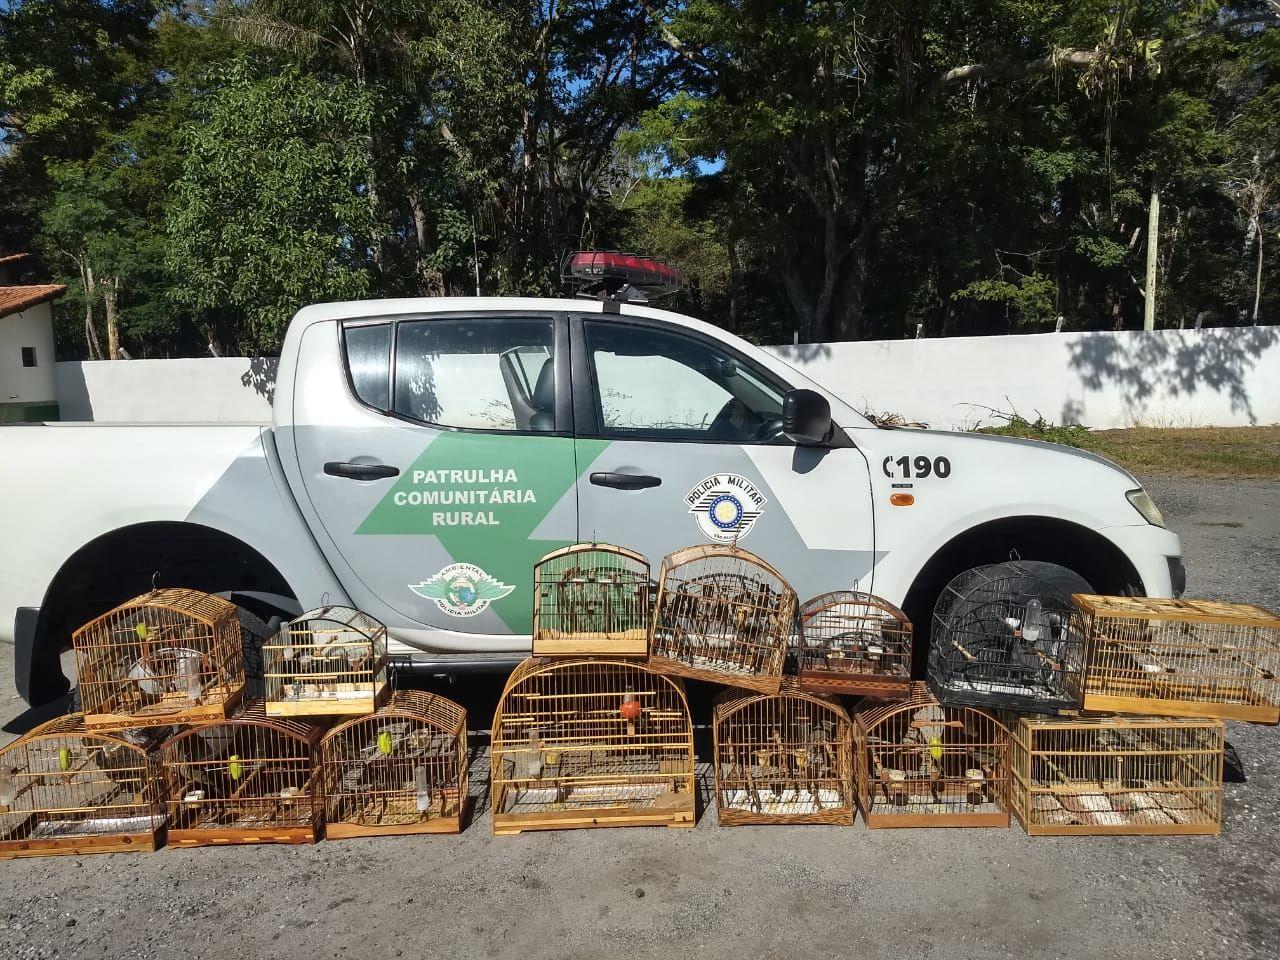 Catorze aves são resgatadas de cativeiro em Cruzeiro